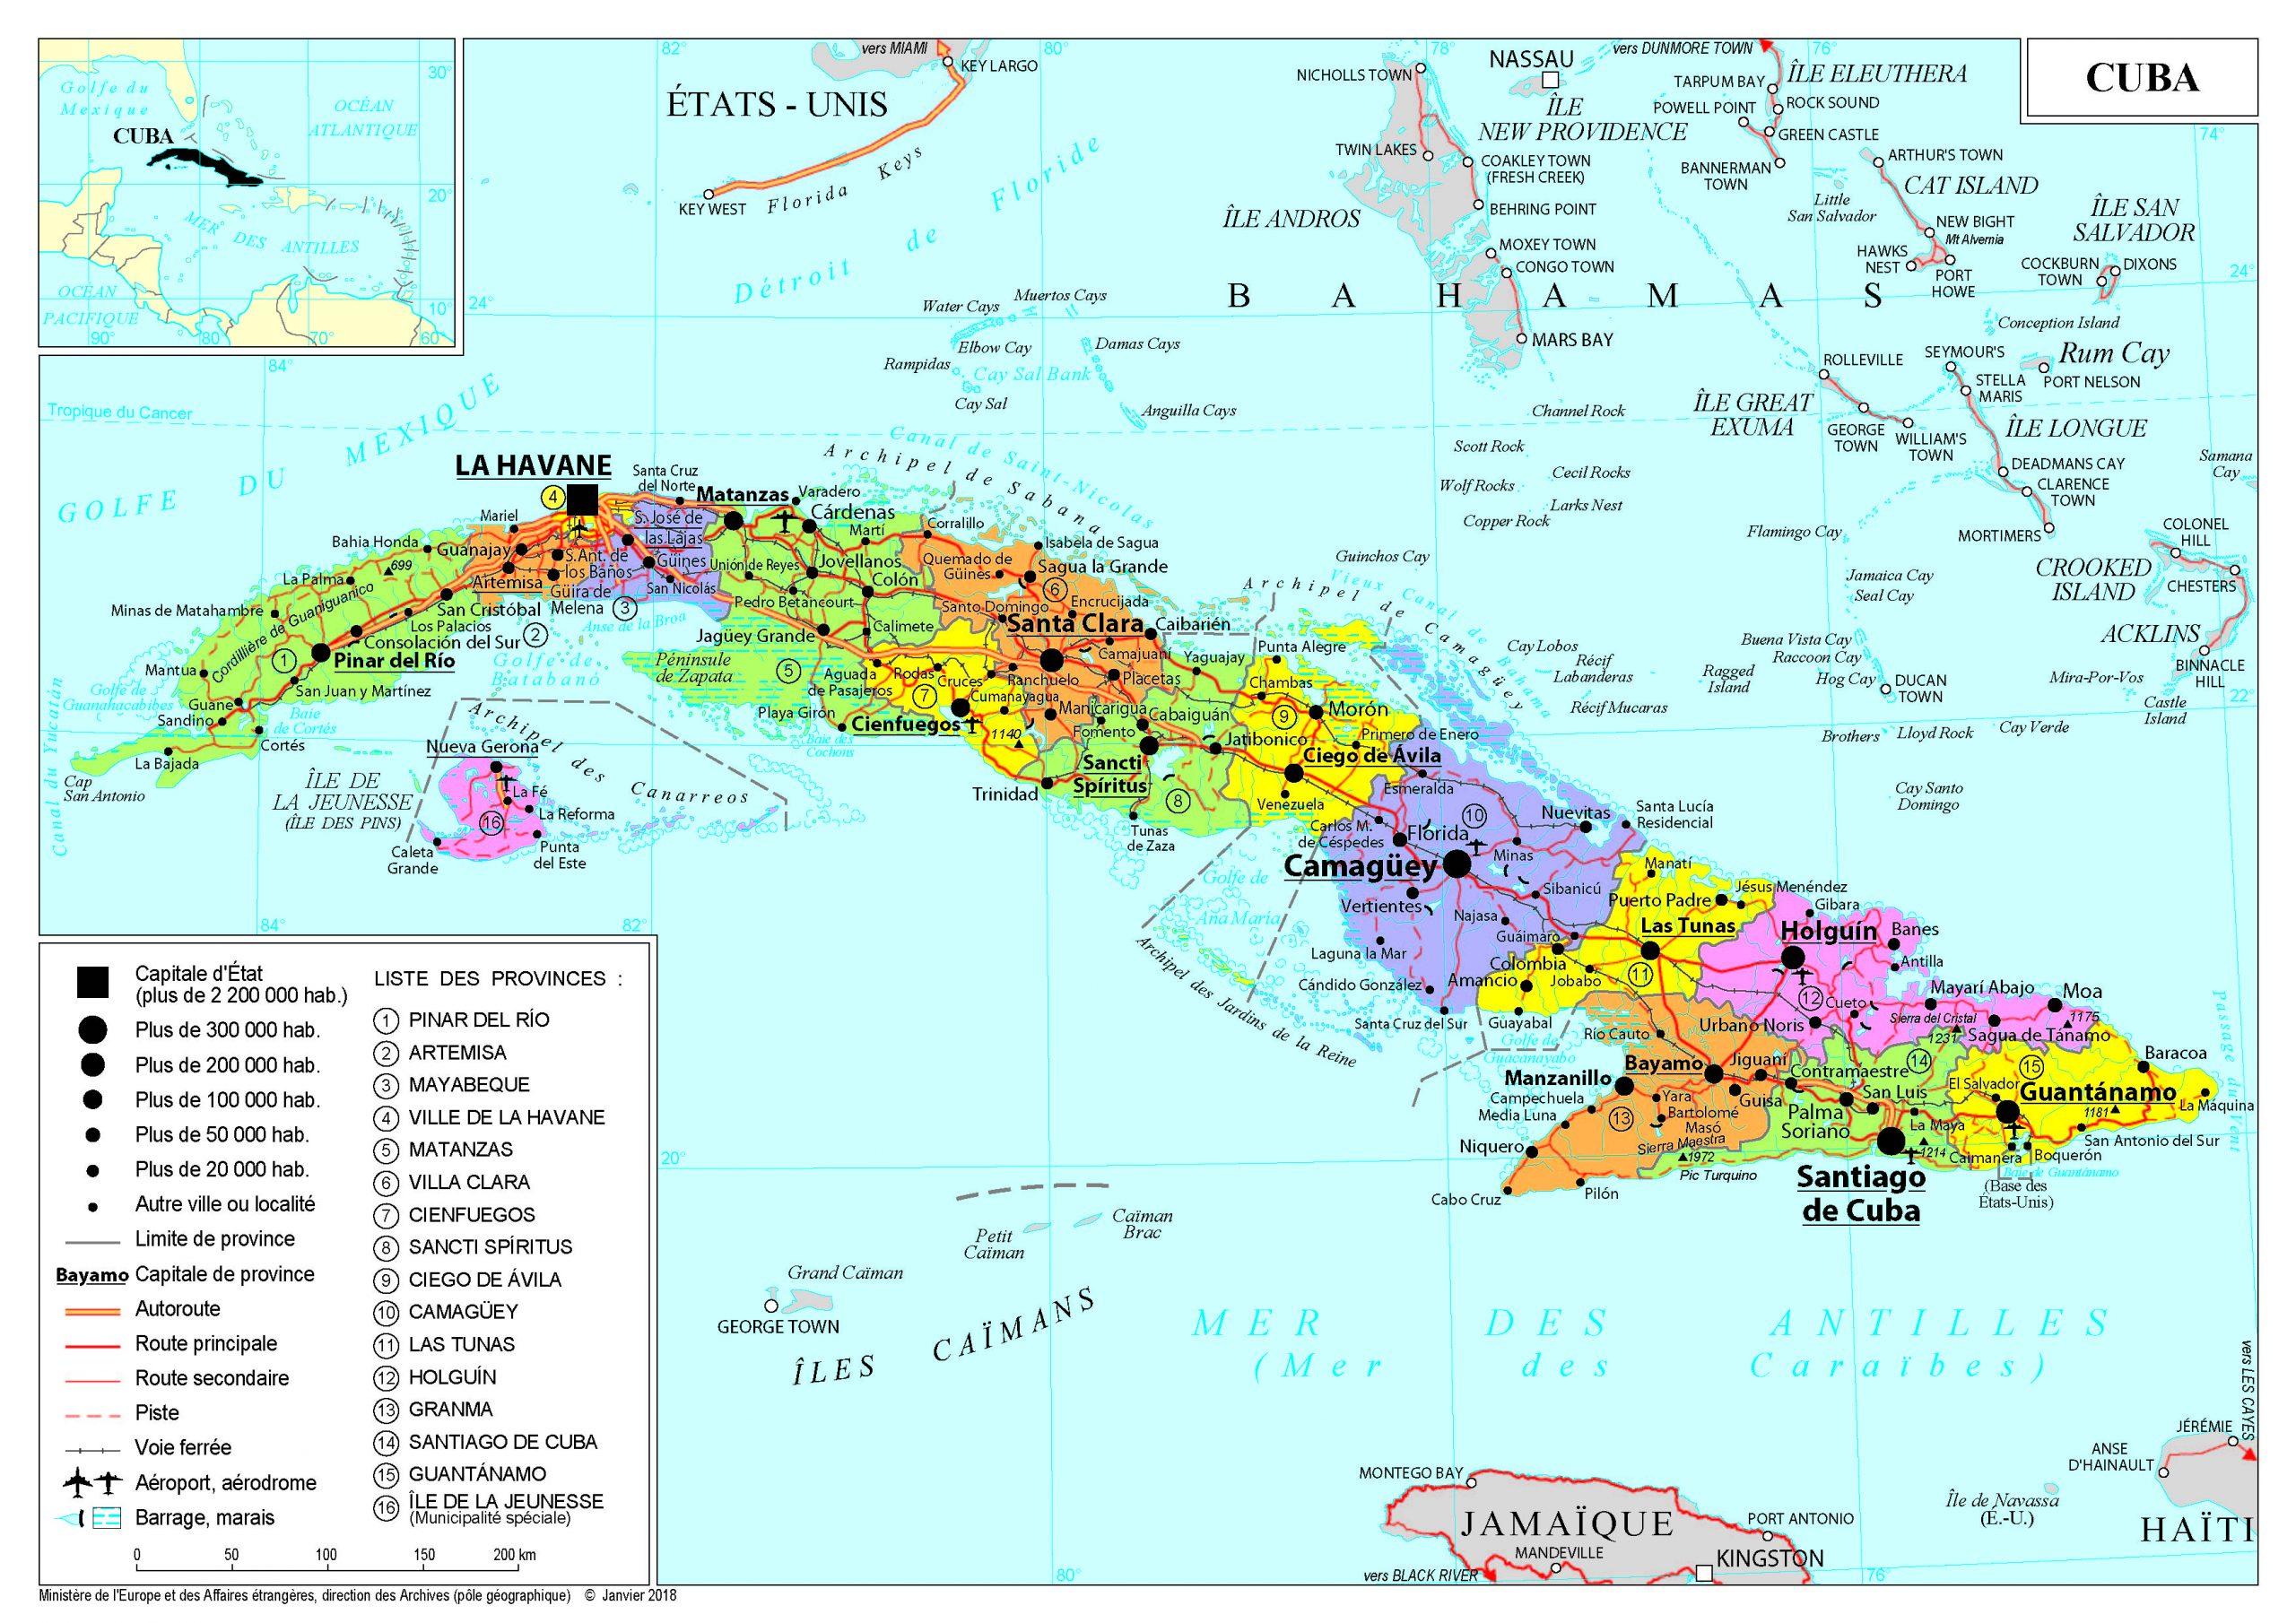 Présentation De Cuba - Ministère De L'europe Et Des Affaires destiné Carte De France Nouvelle Region